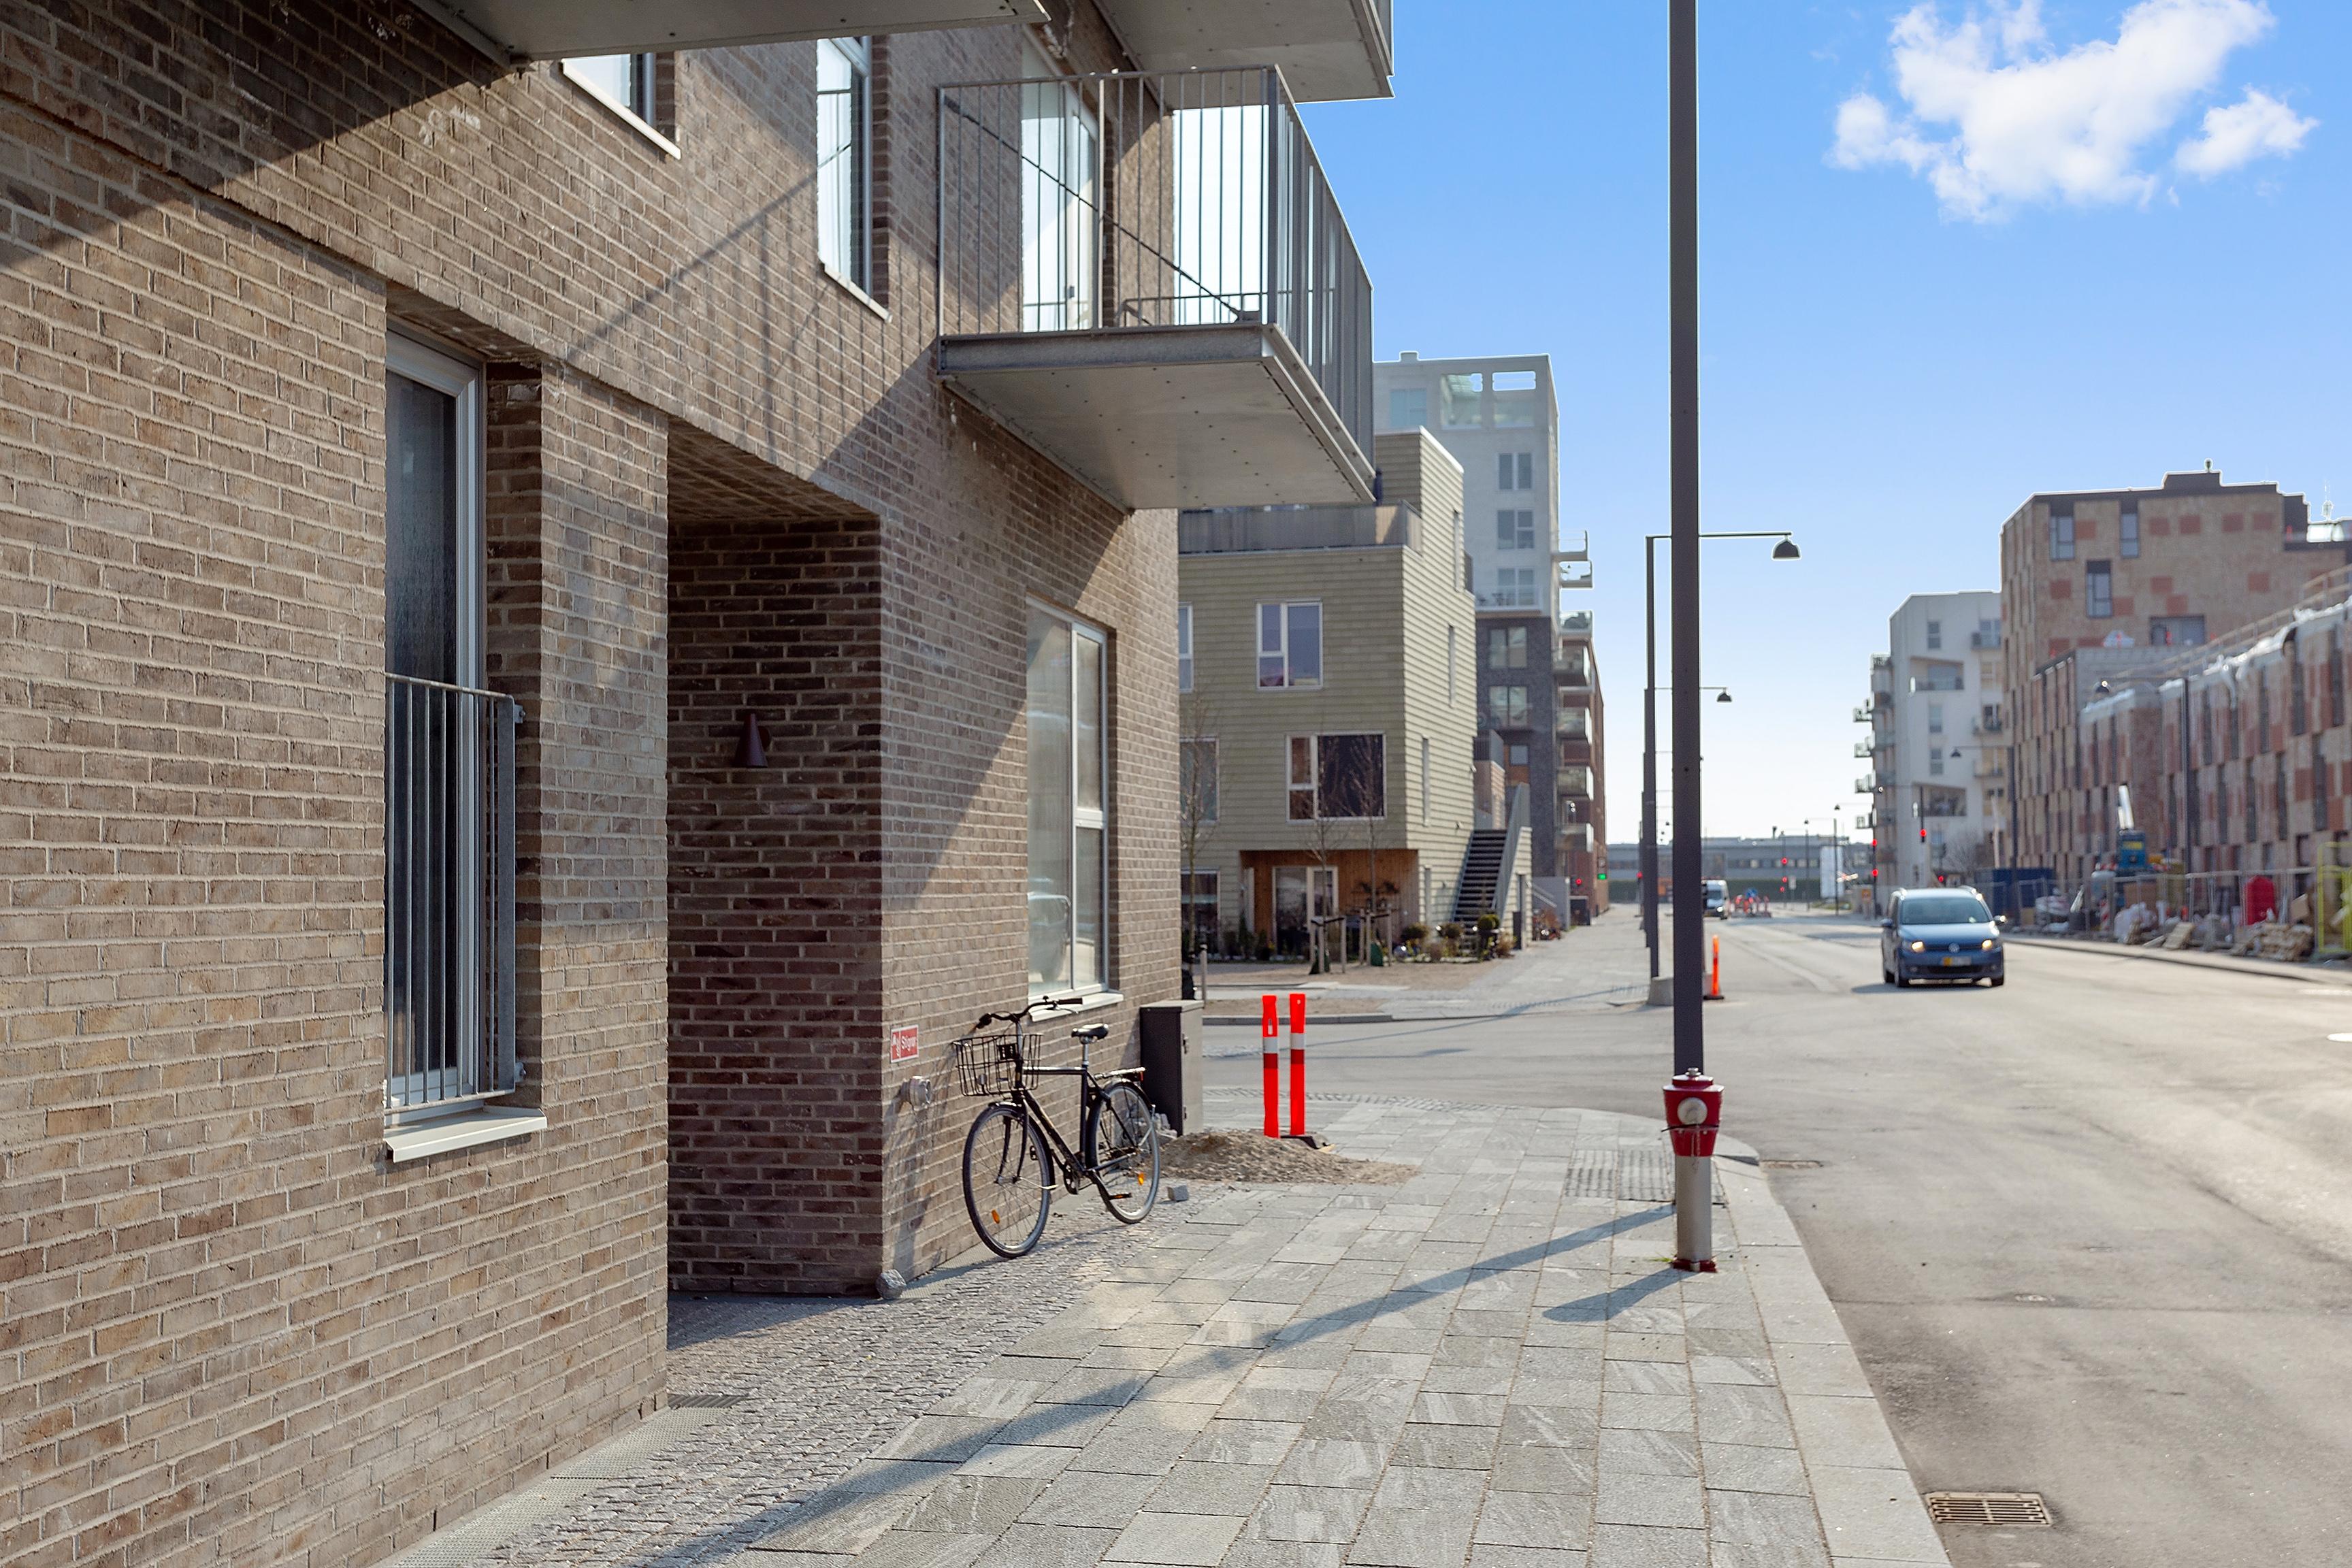 Lejebolig på Ejler Billes Allé 28 3 th., 2300 København S